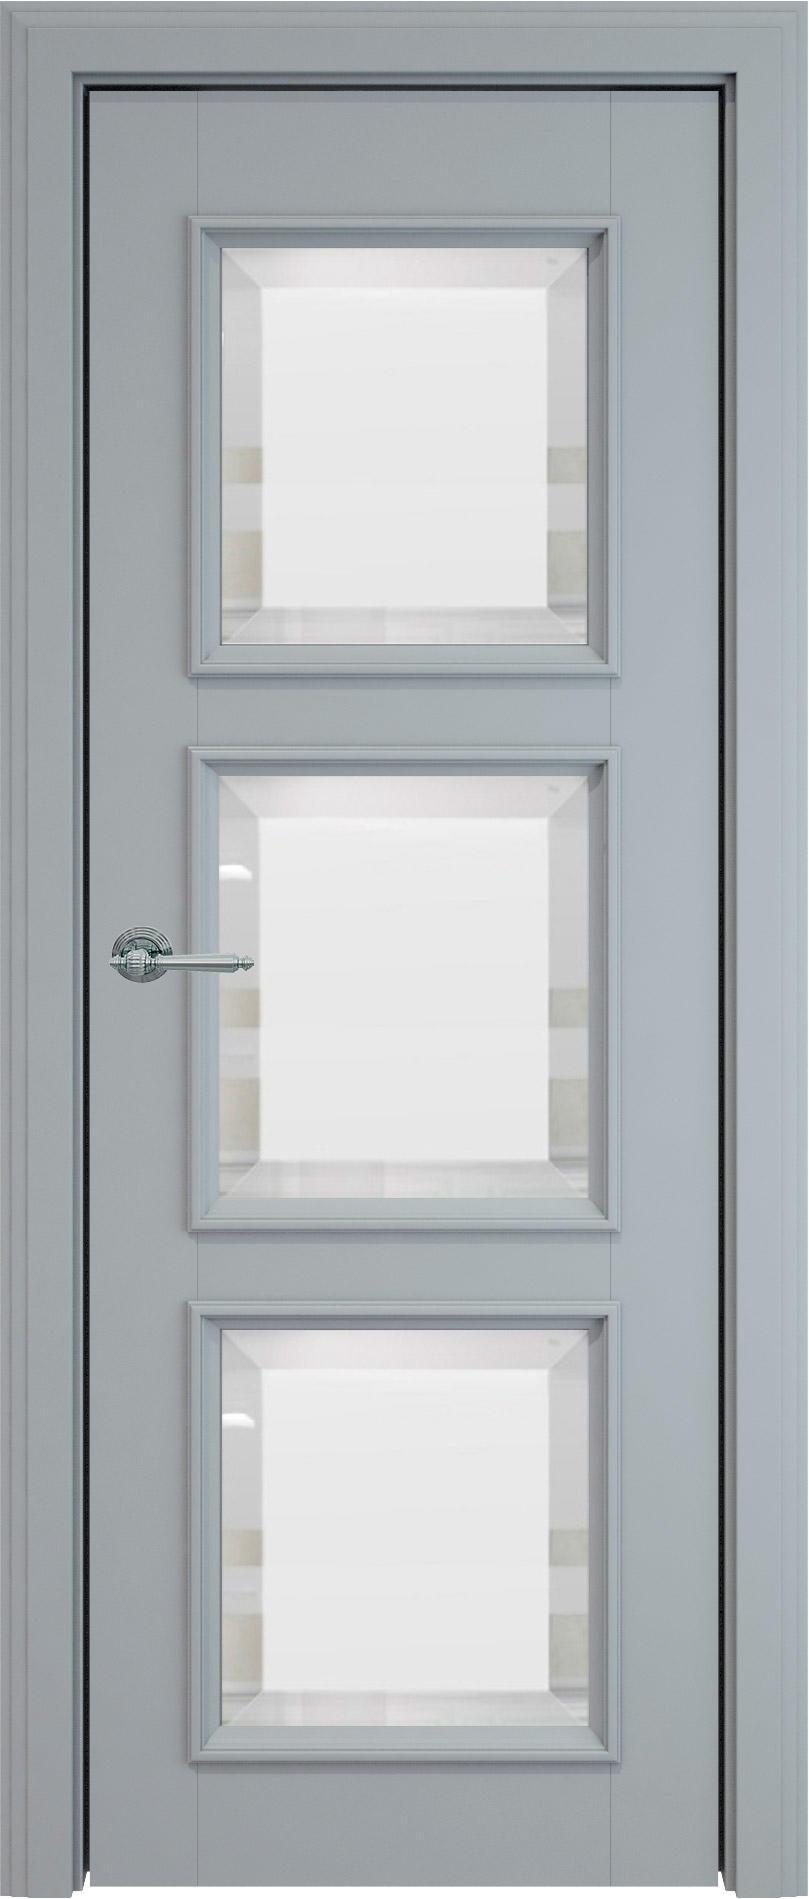 Milano LUX цвет - Серебристо-серая эмаль (RAL 7045) Со стеклом (ДО)